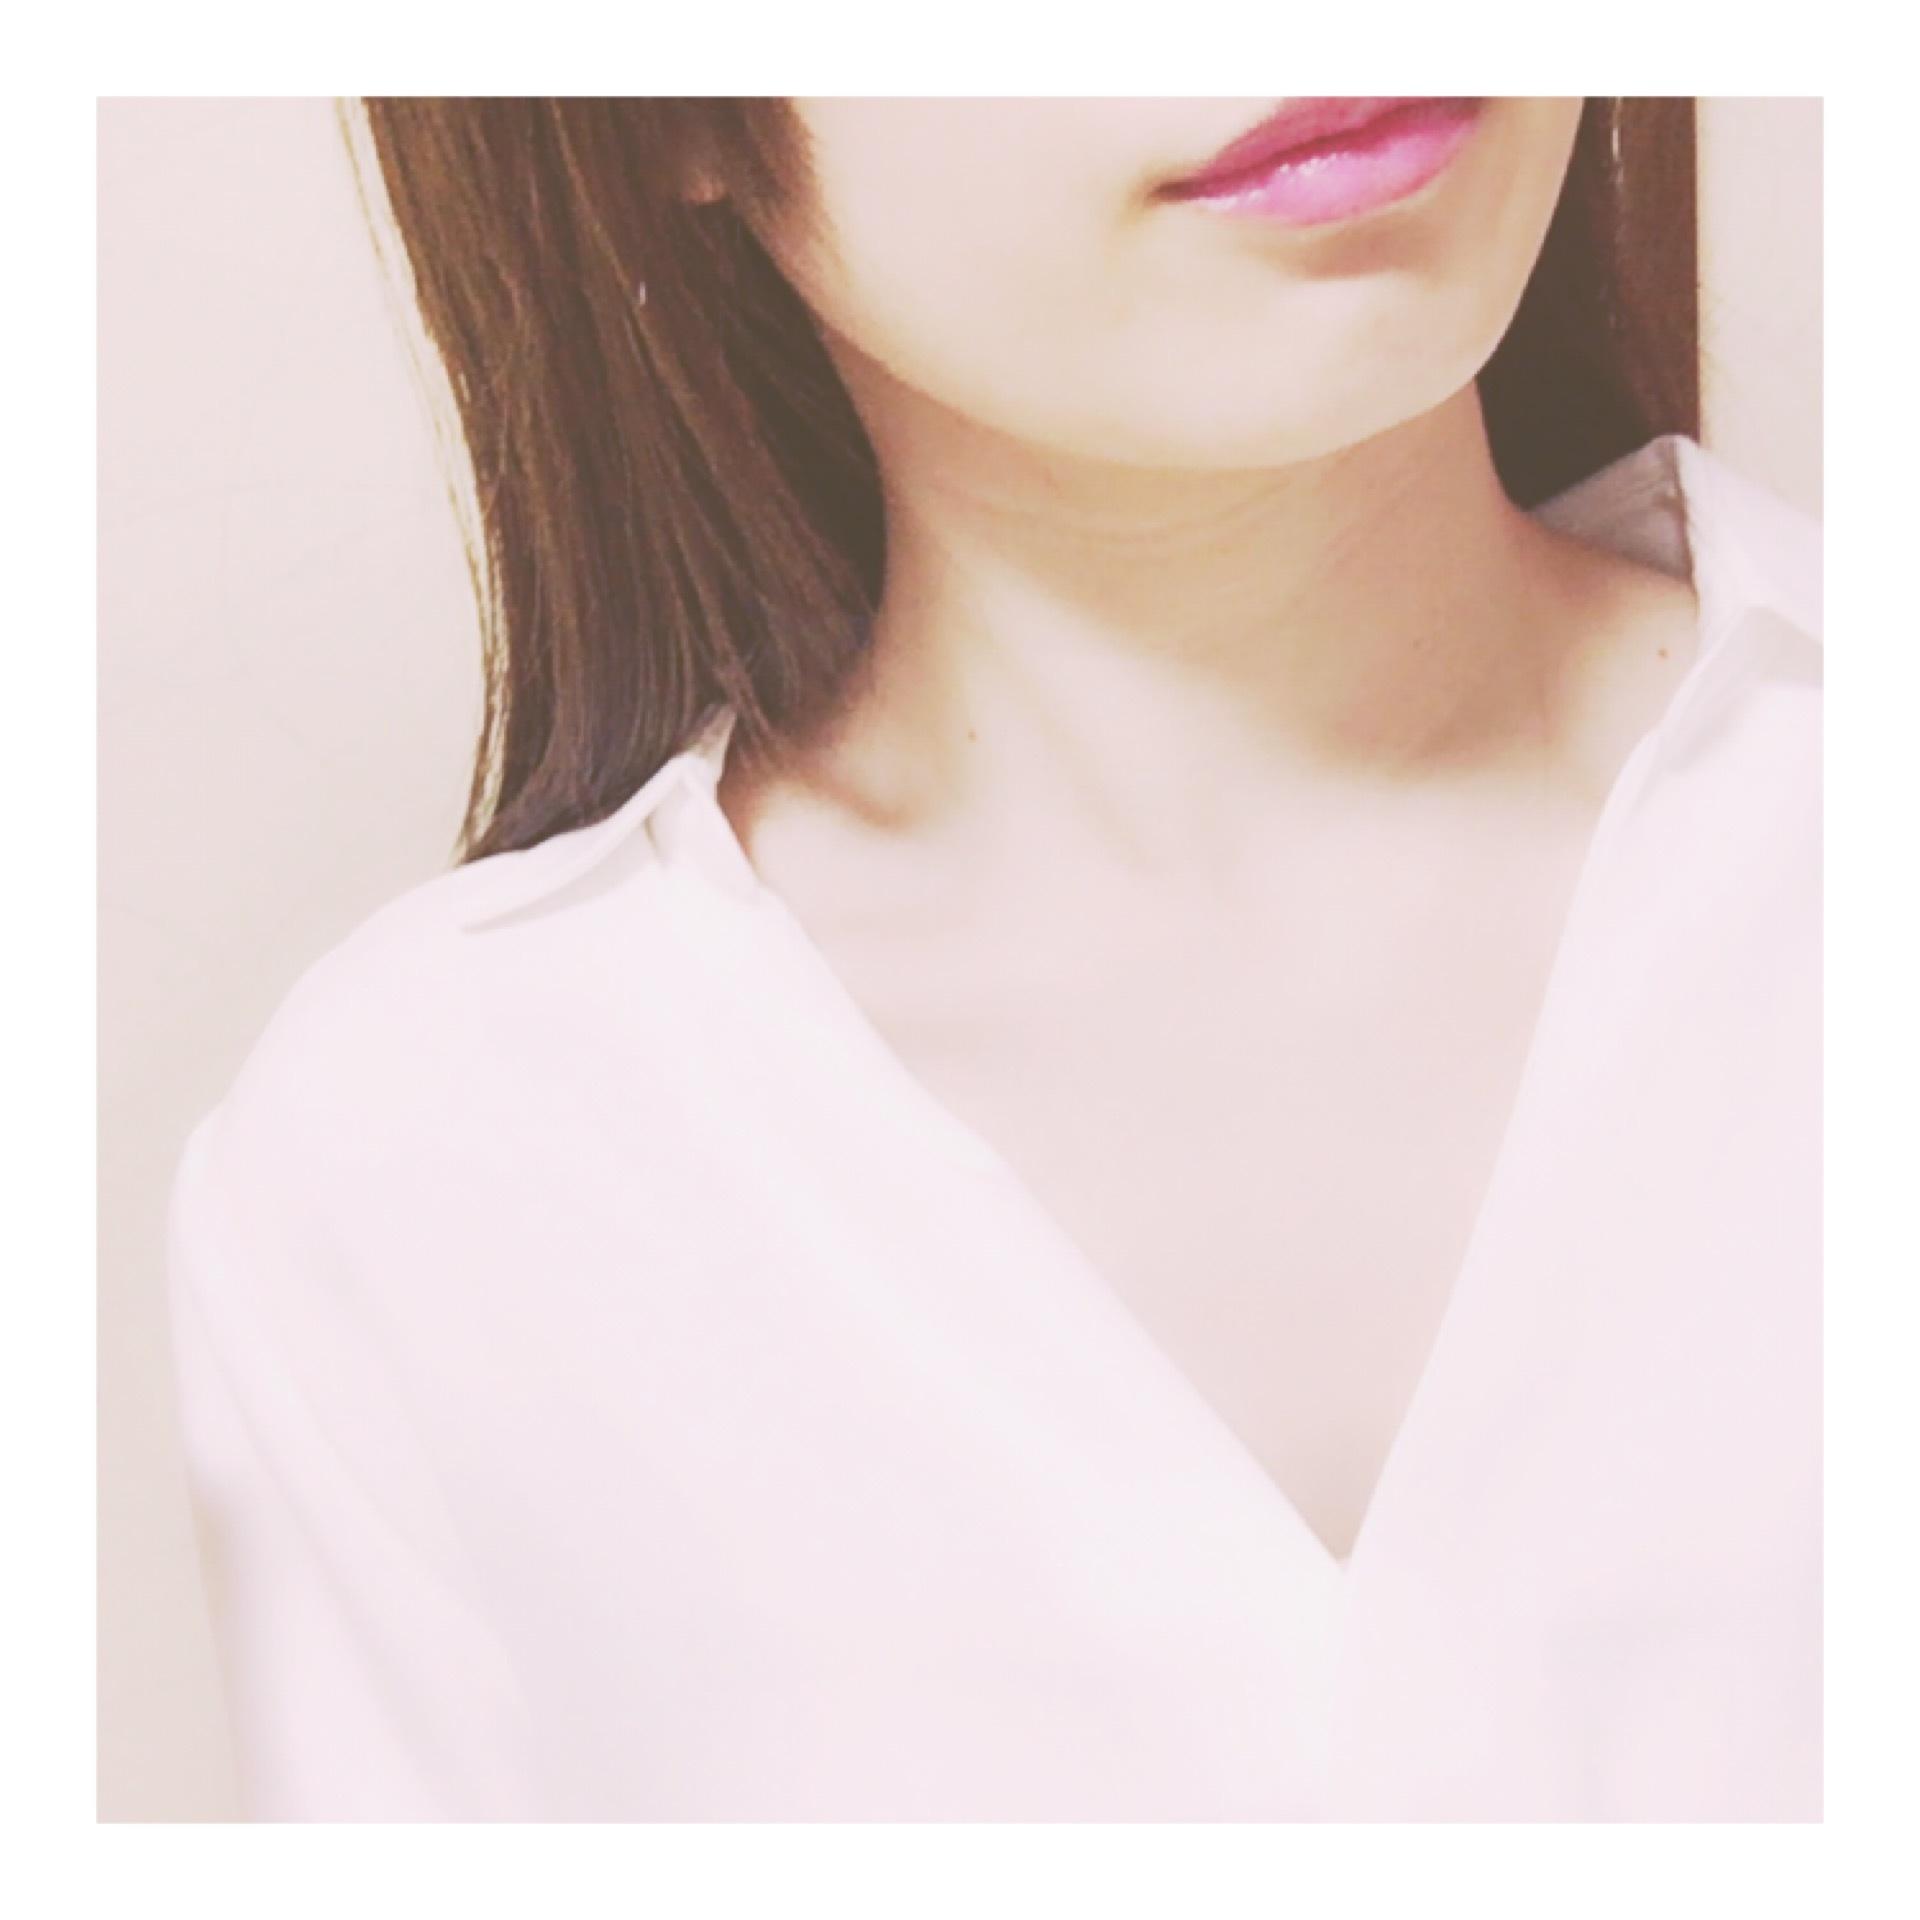 スキッパーシャツ+バックデザイン♩《INGNI リボンスキッパーシャツ》_1_2